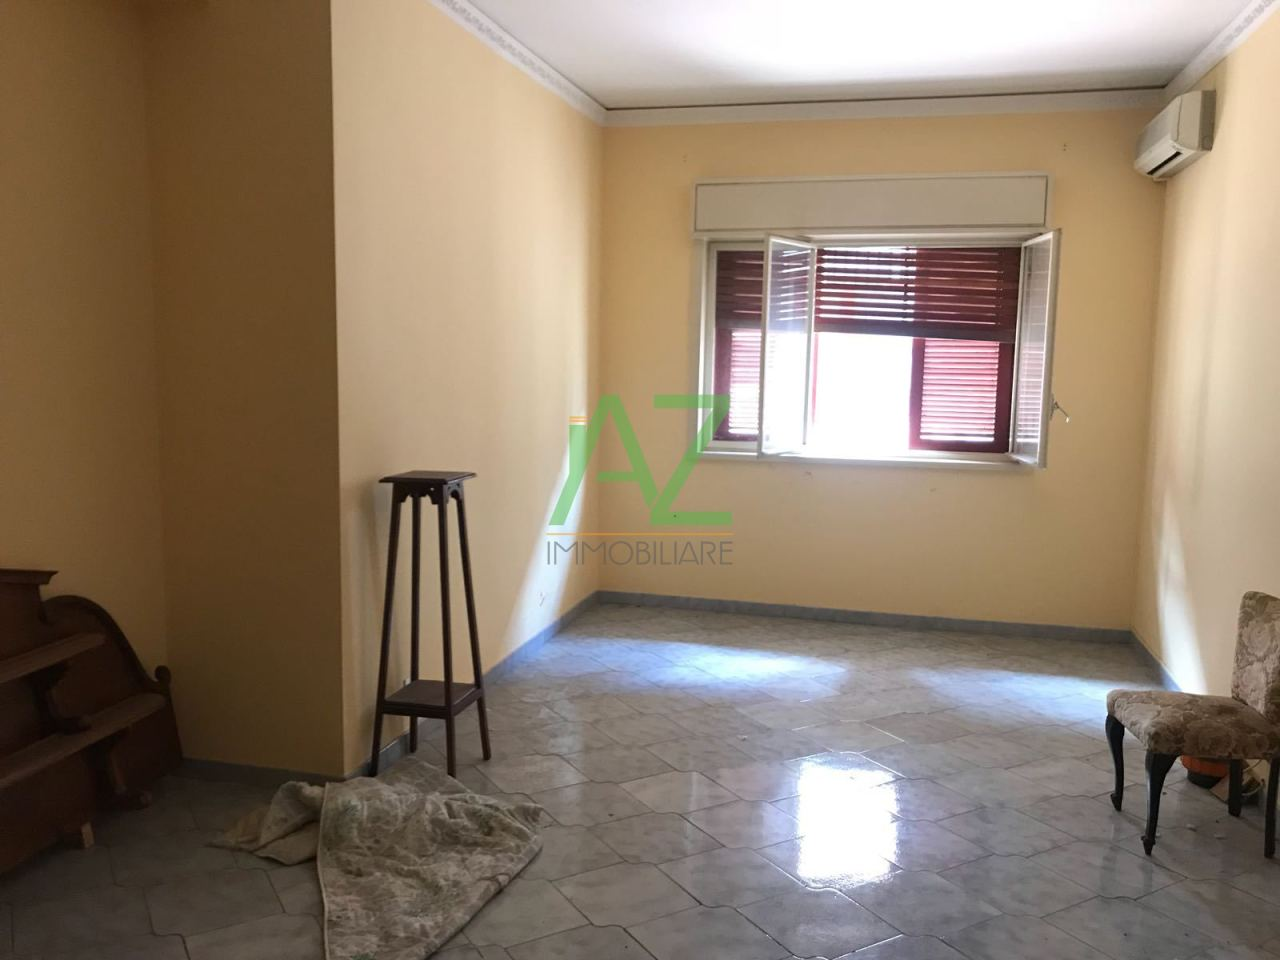 Appartamento da ristrutturare in vendita Rif. 7119741